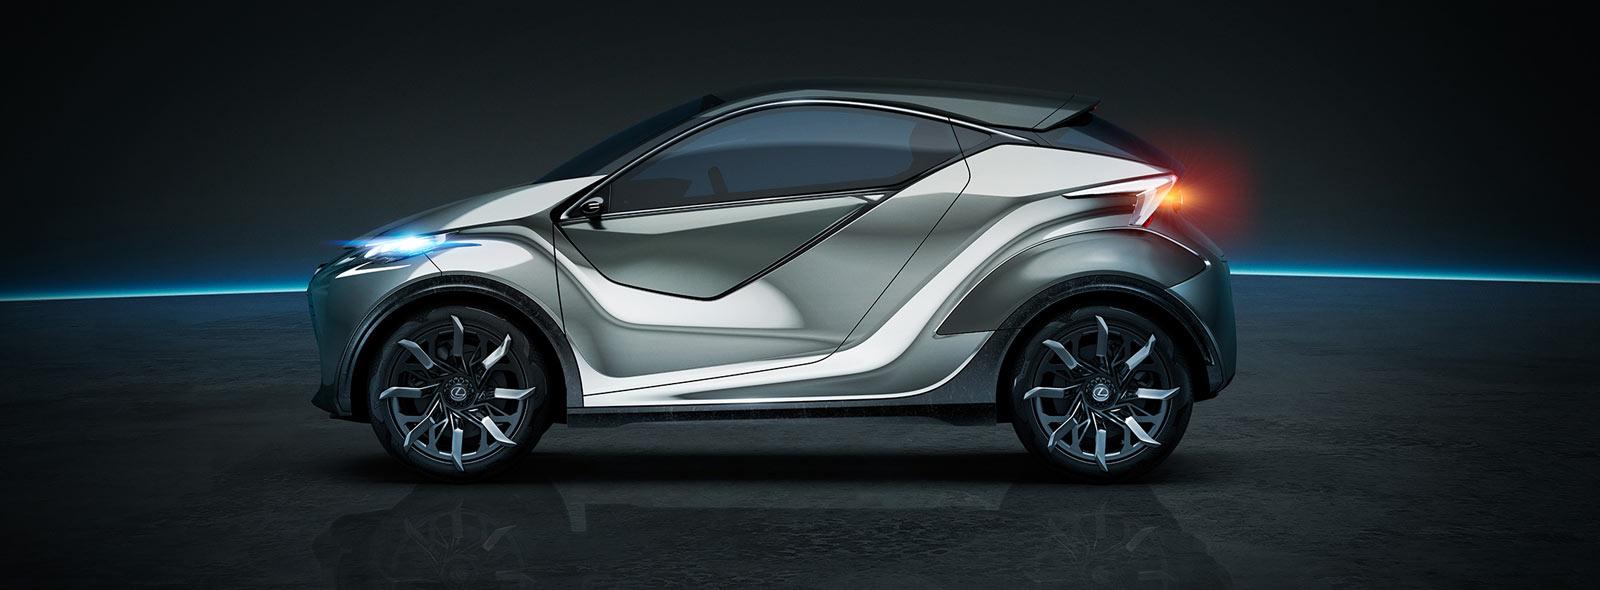 Вид сбоку на концепт кар Lexus LF SA